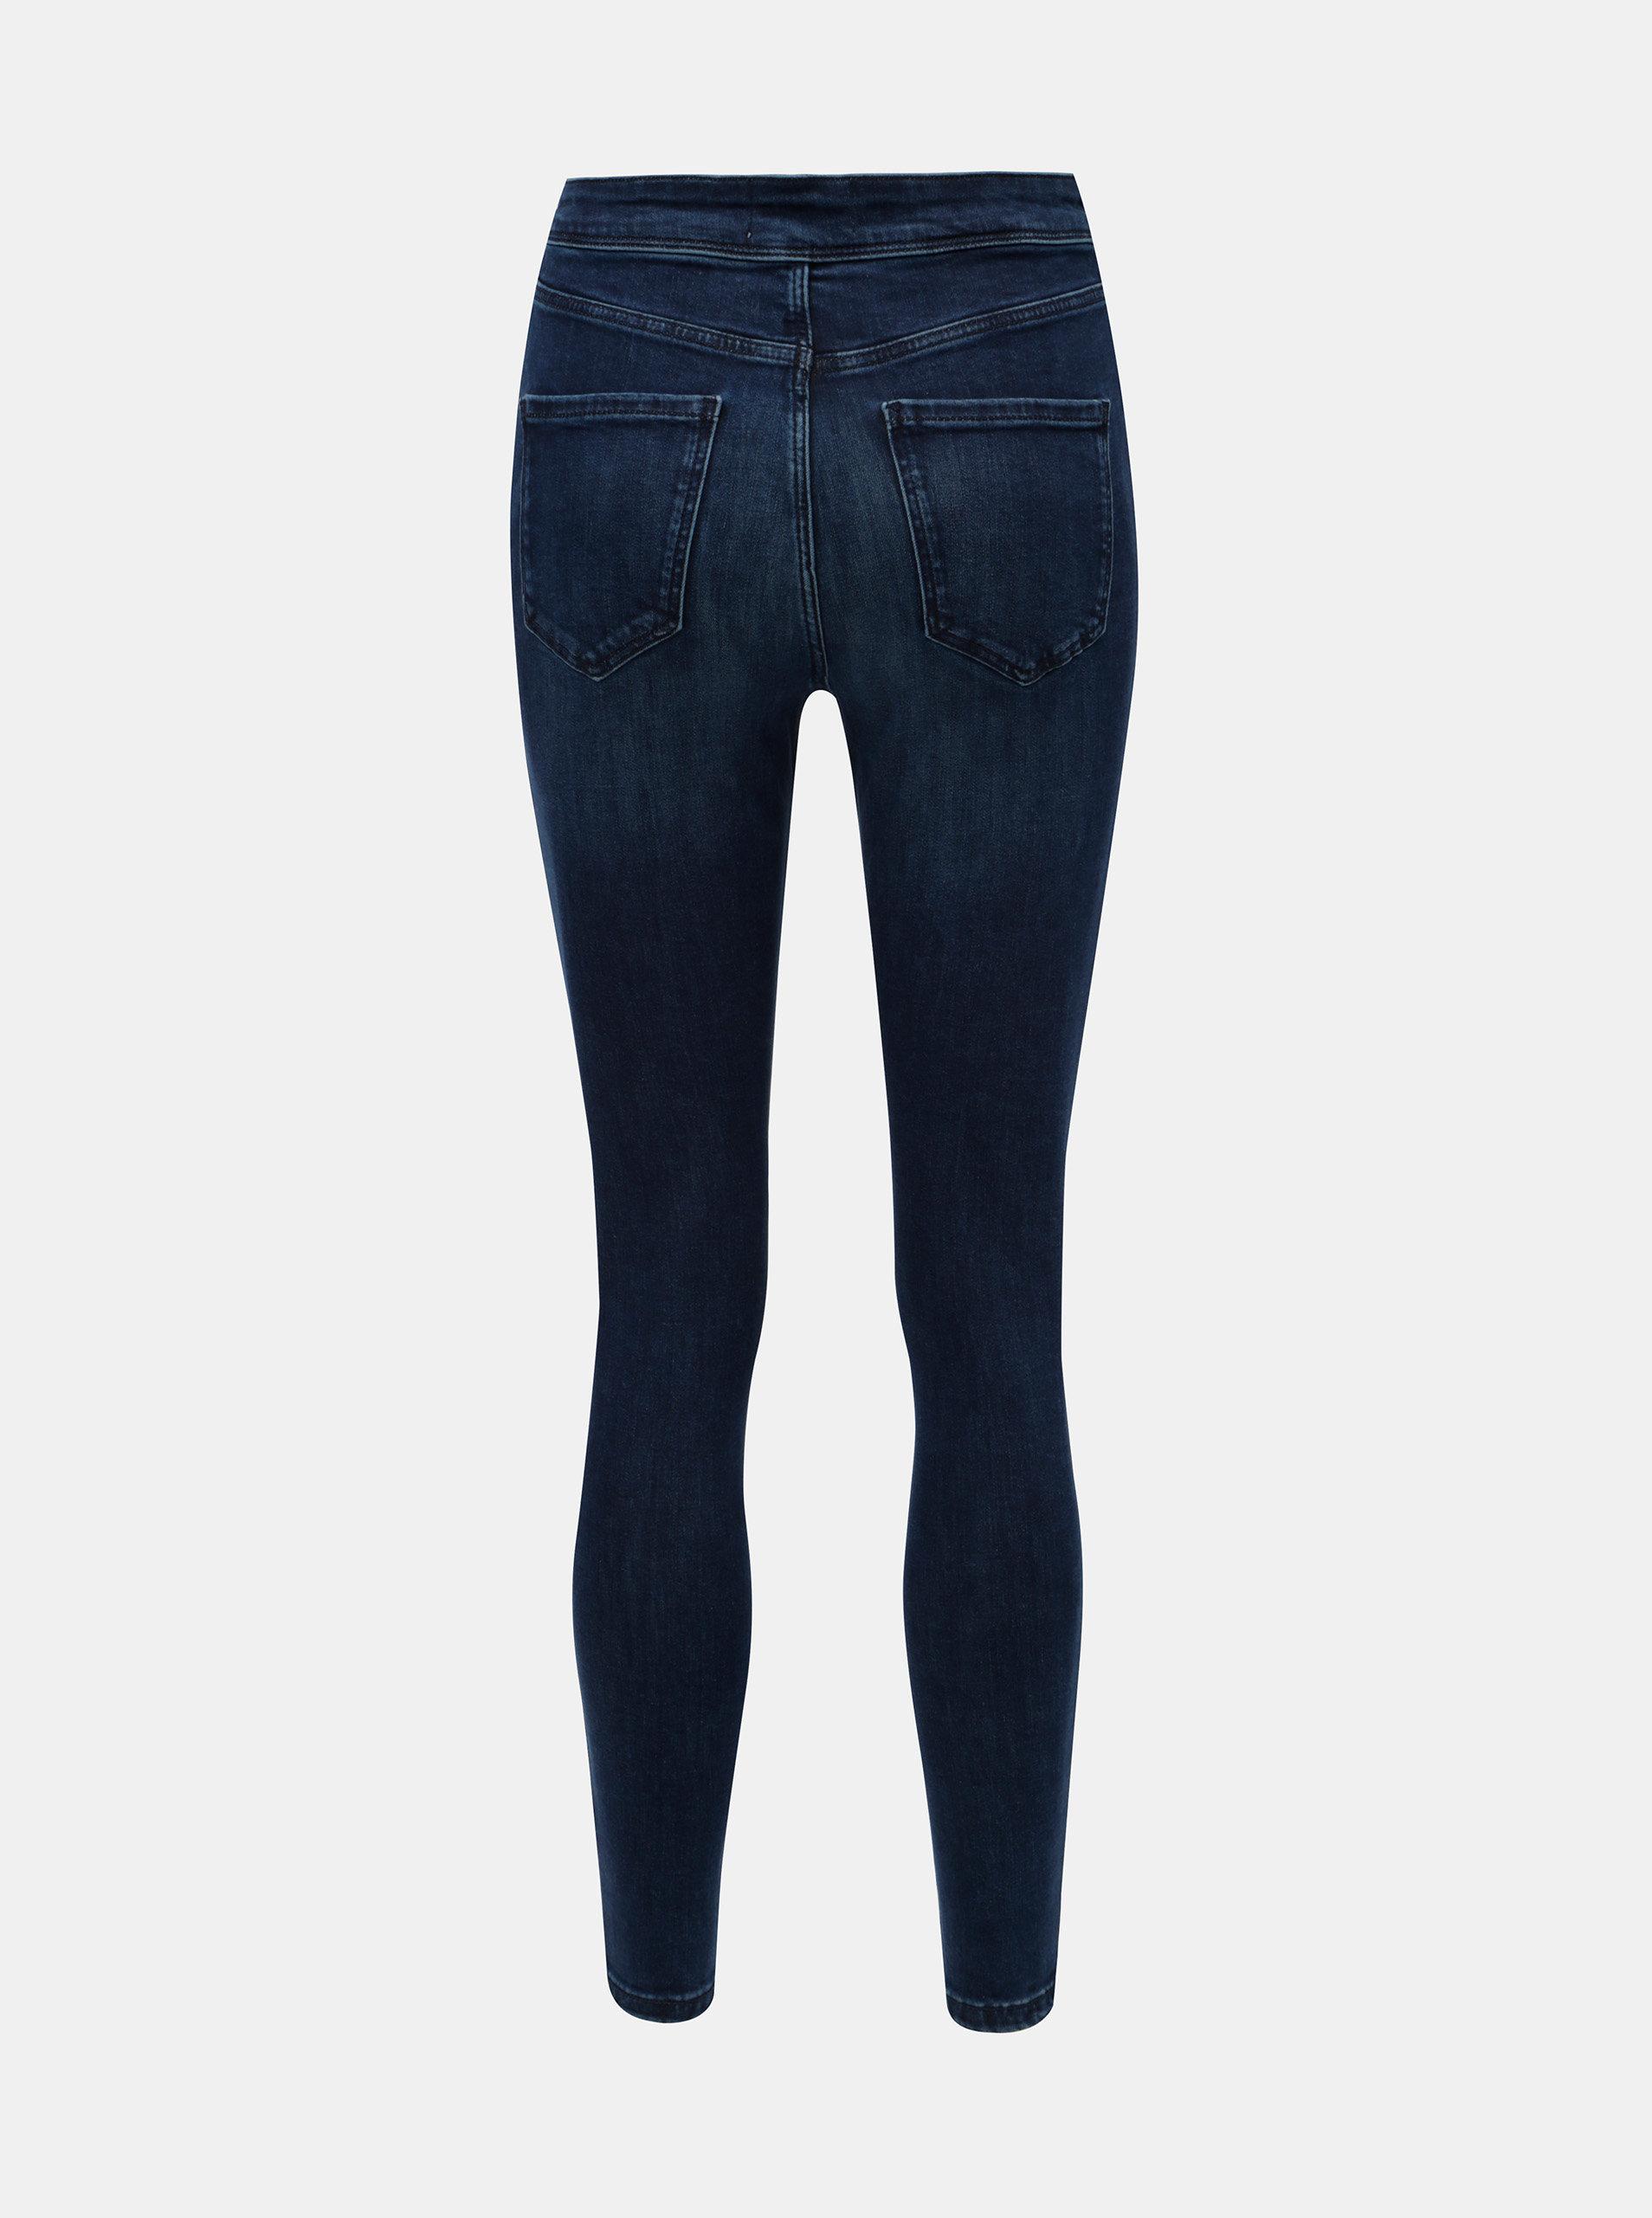 Tmavě modré skinny džíny s vysokým pasem Miss Selfridge ... 3e19f4e5e1